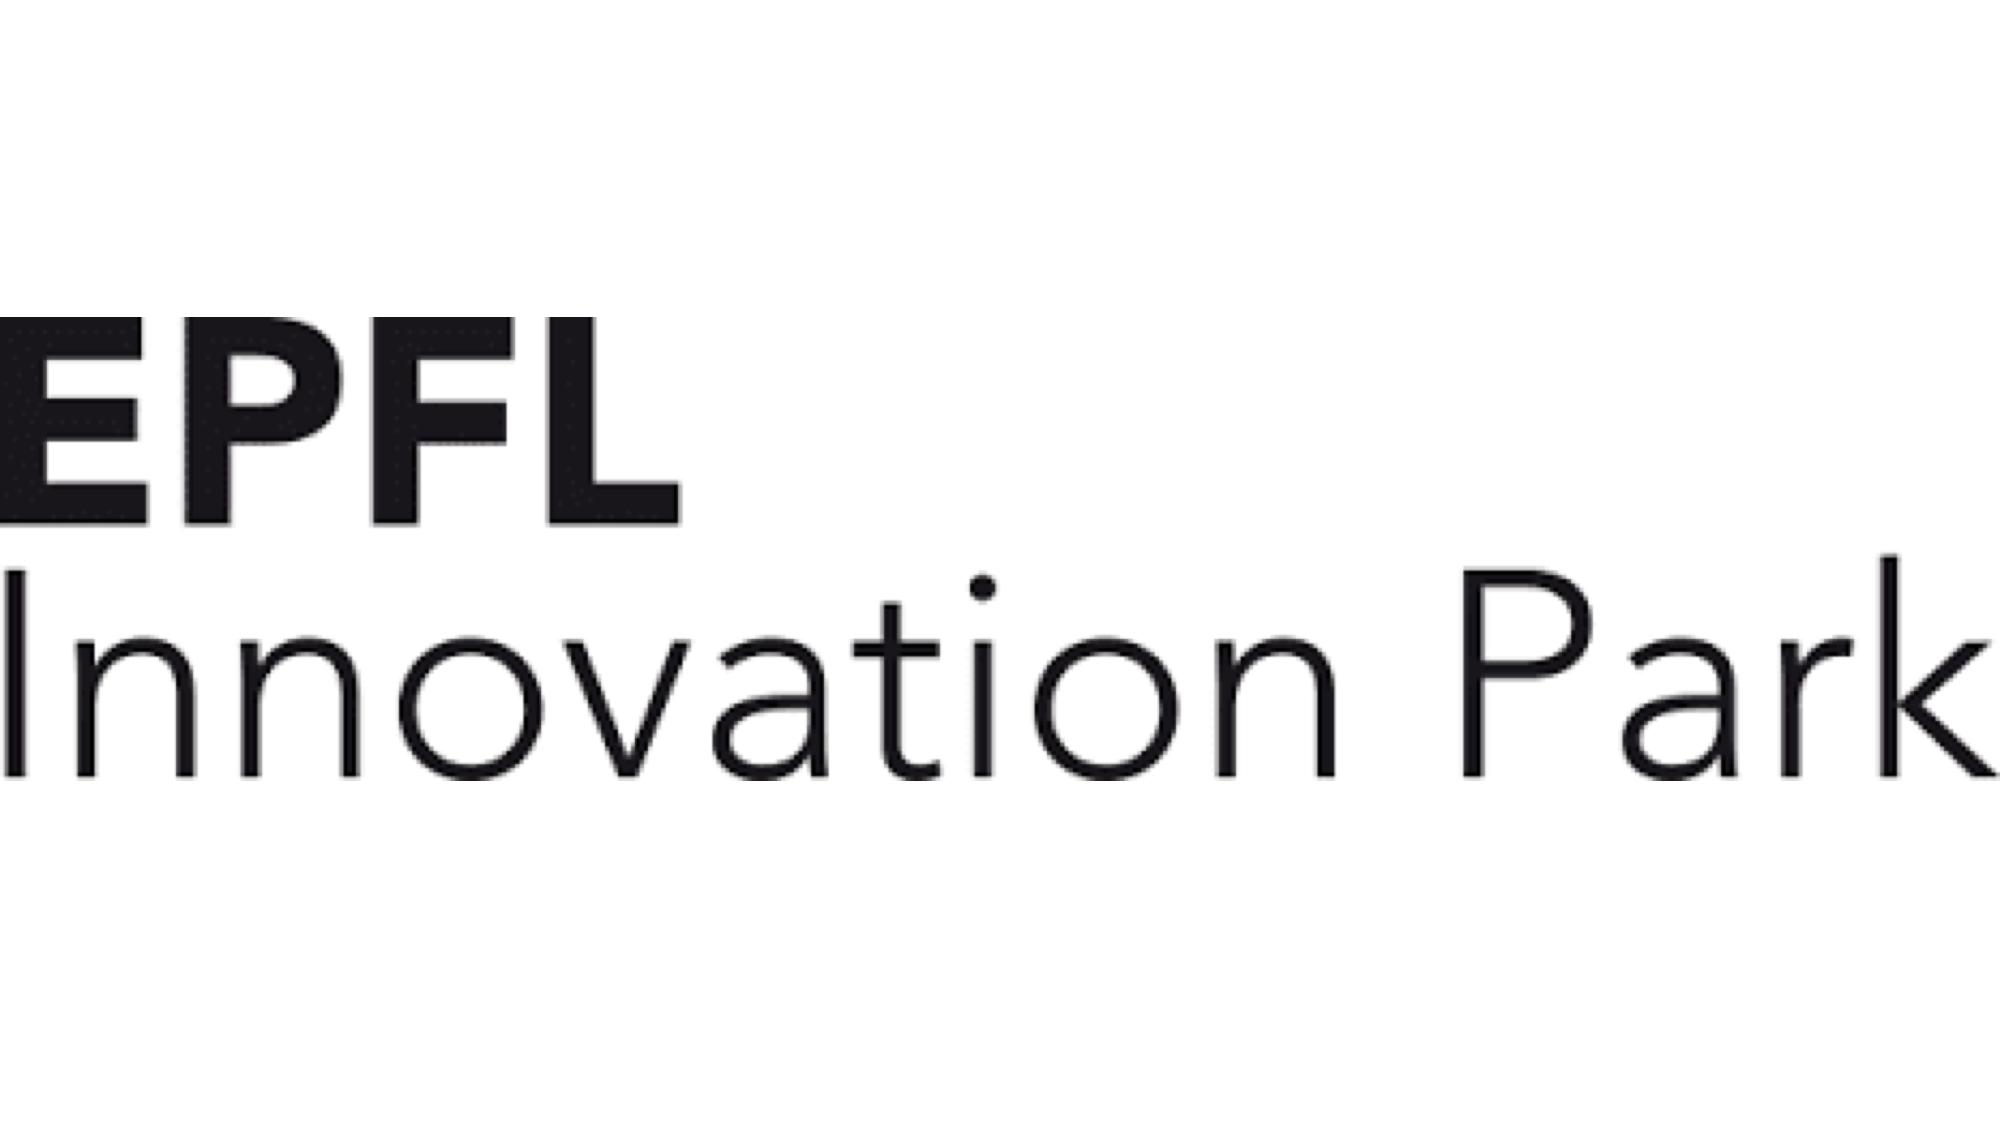 EPFL Innovation Park